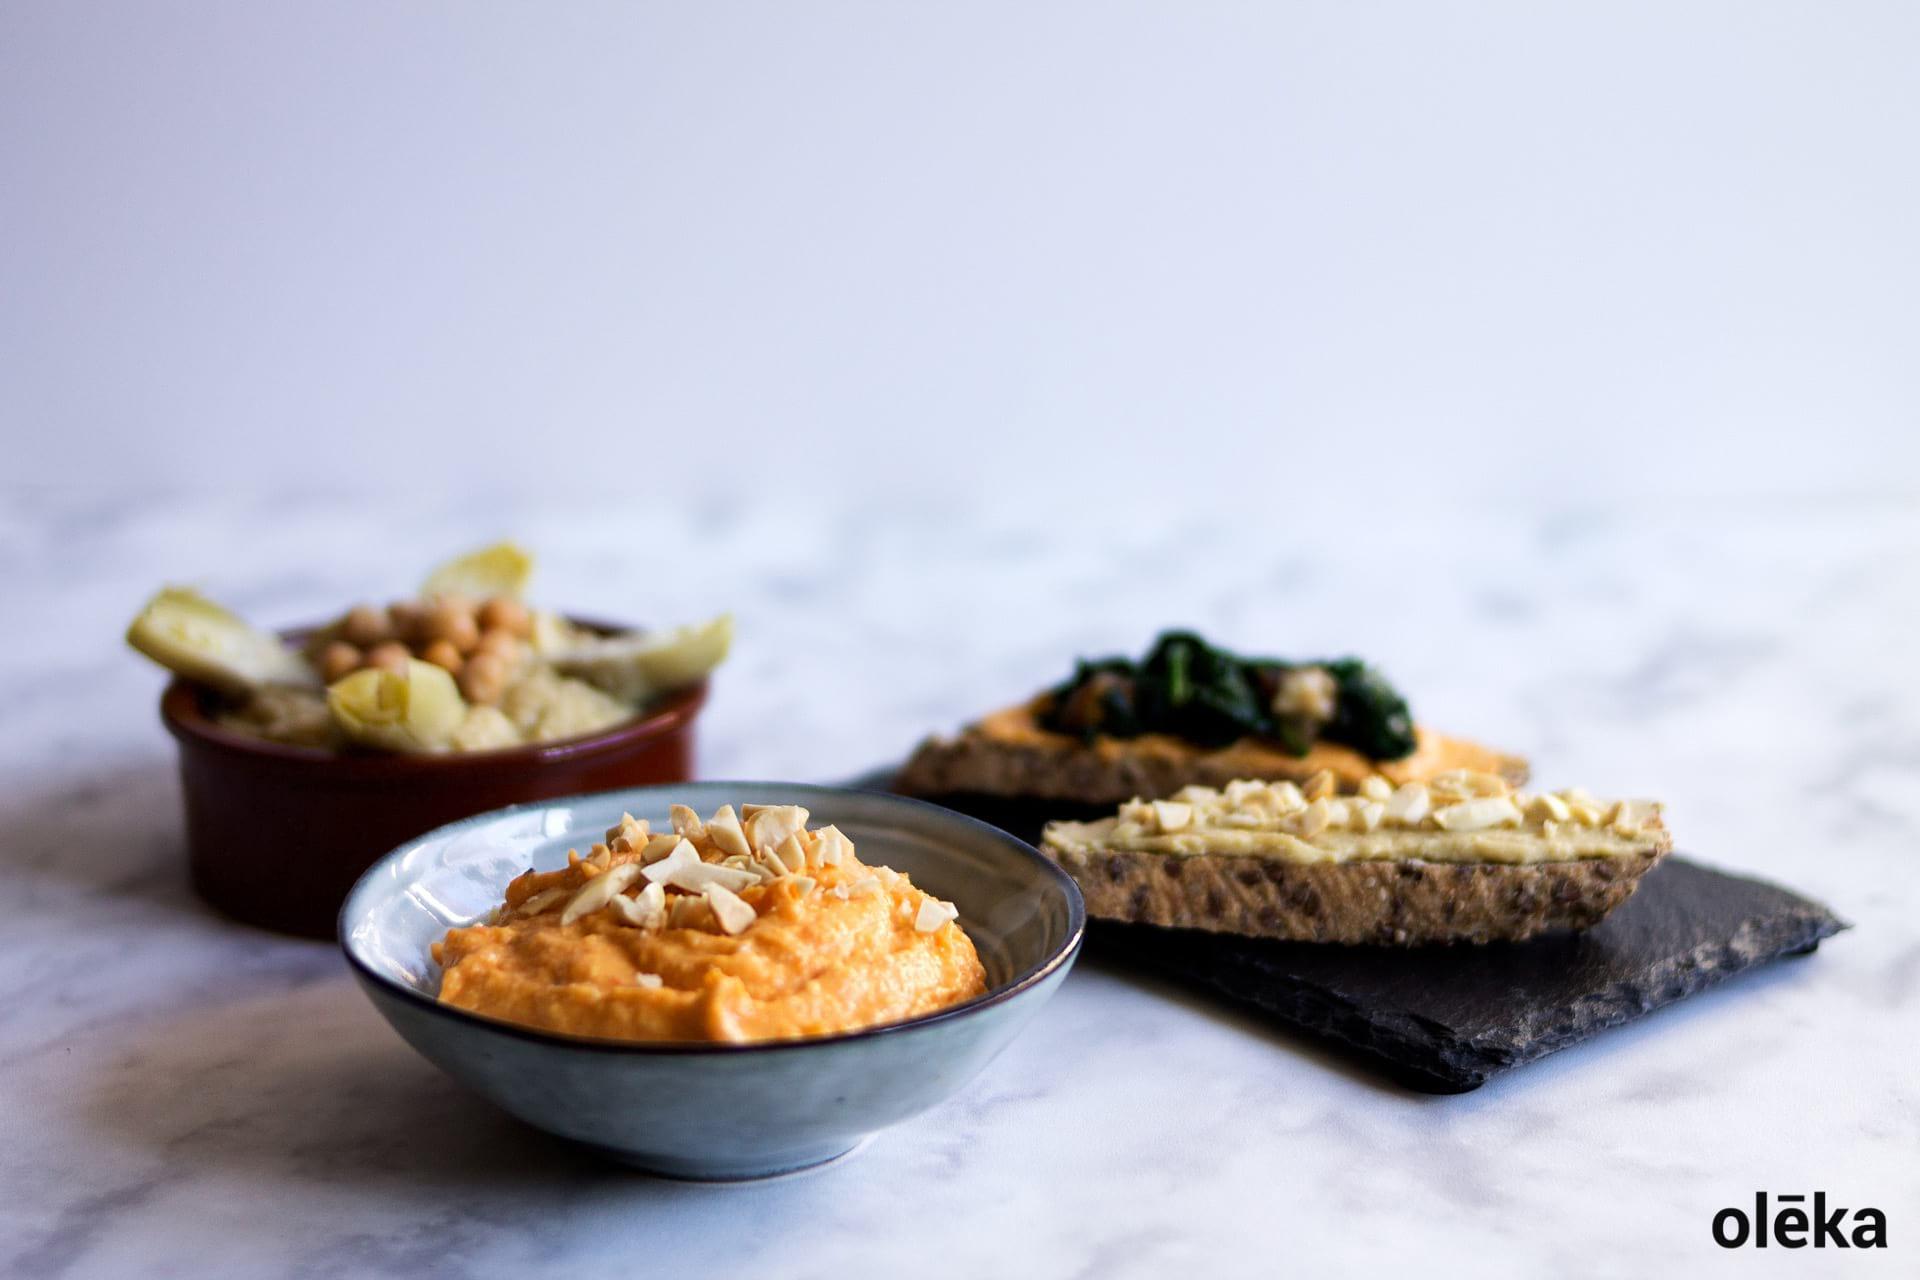 untables de boniato y hummus de alcachofa